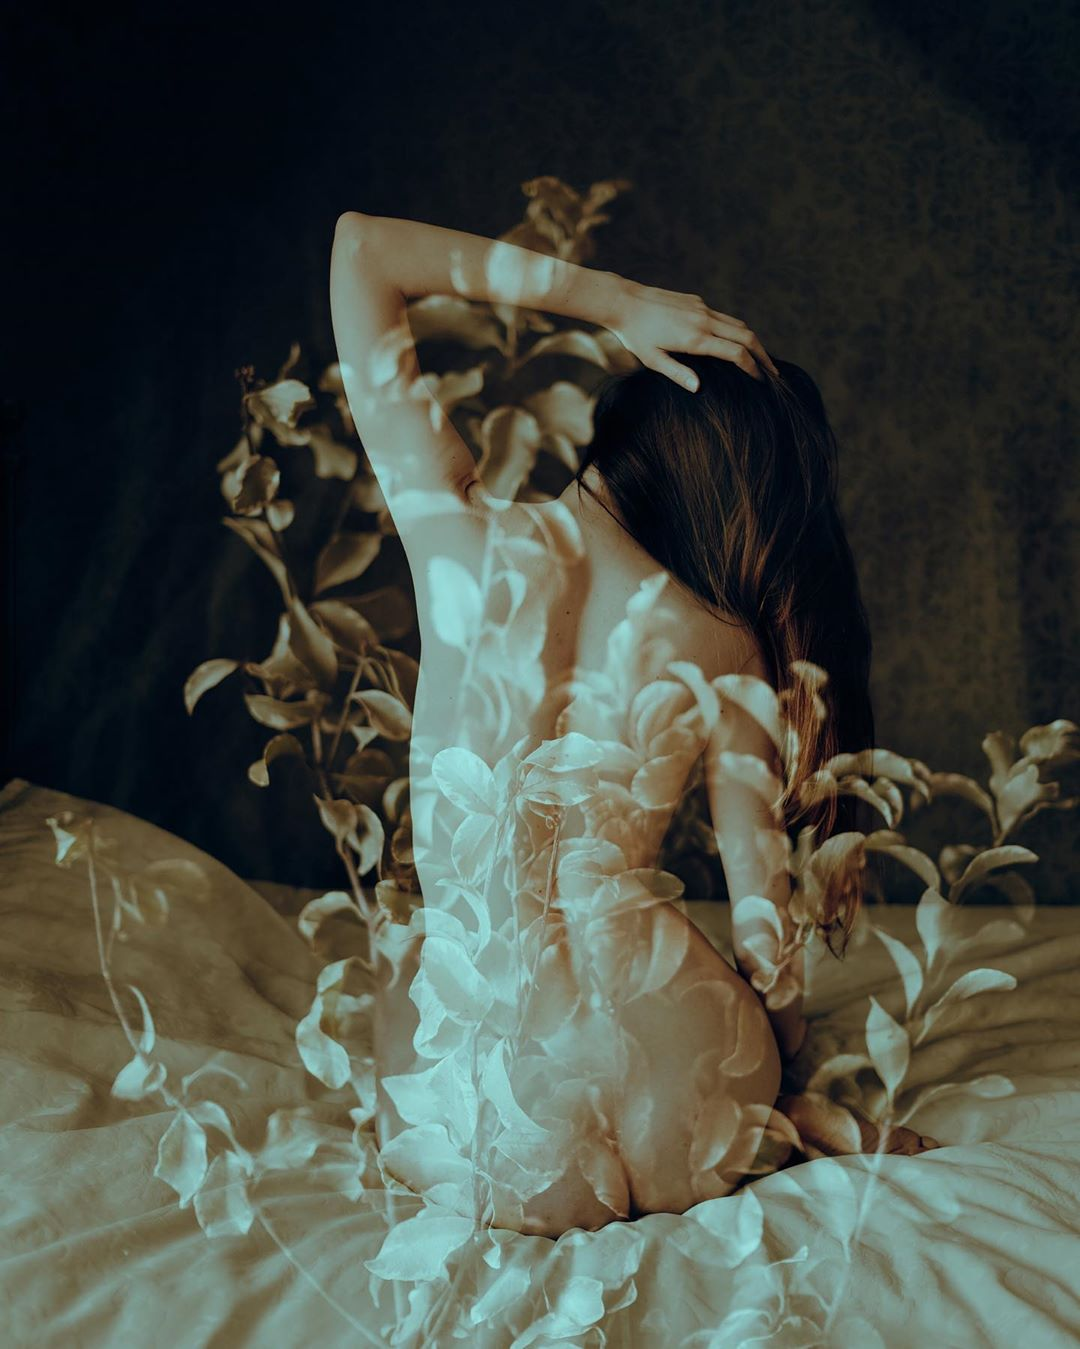 Кинематографичная фотография от Полины Вашингтон